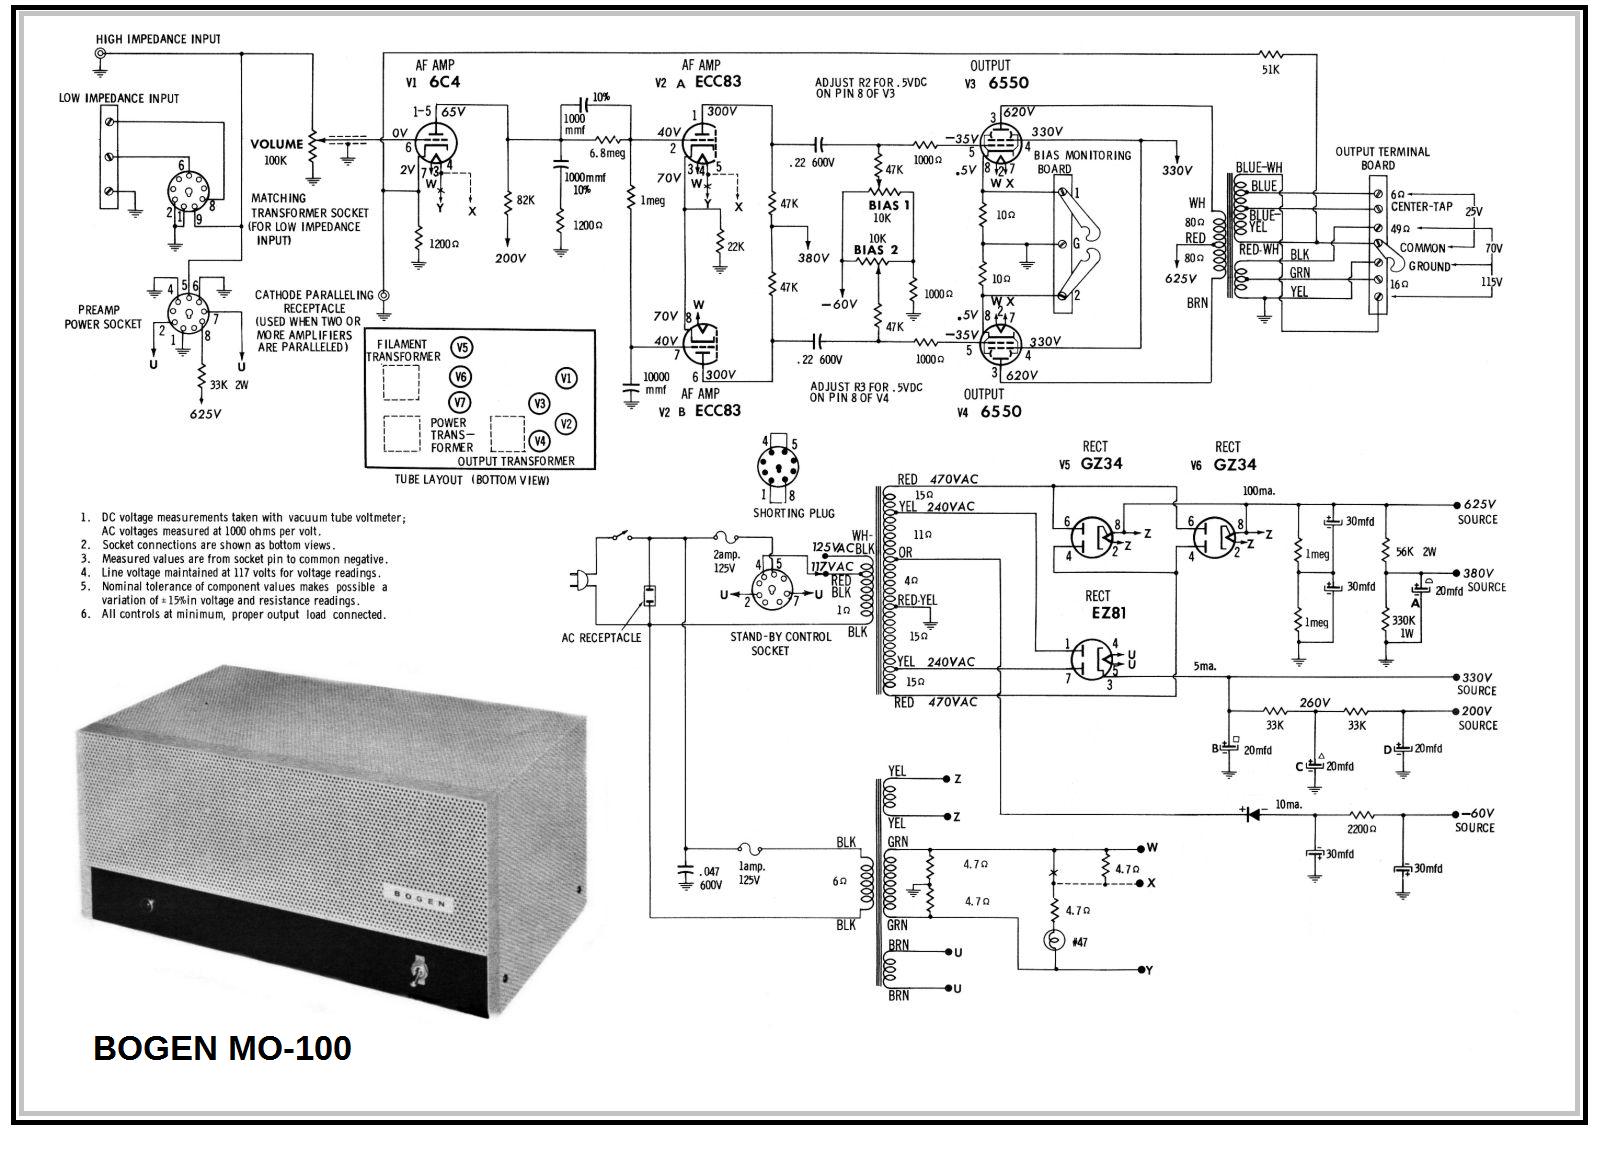 Bogen M-100 , KT88 - 6550 PP.